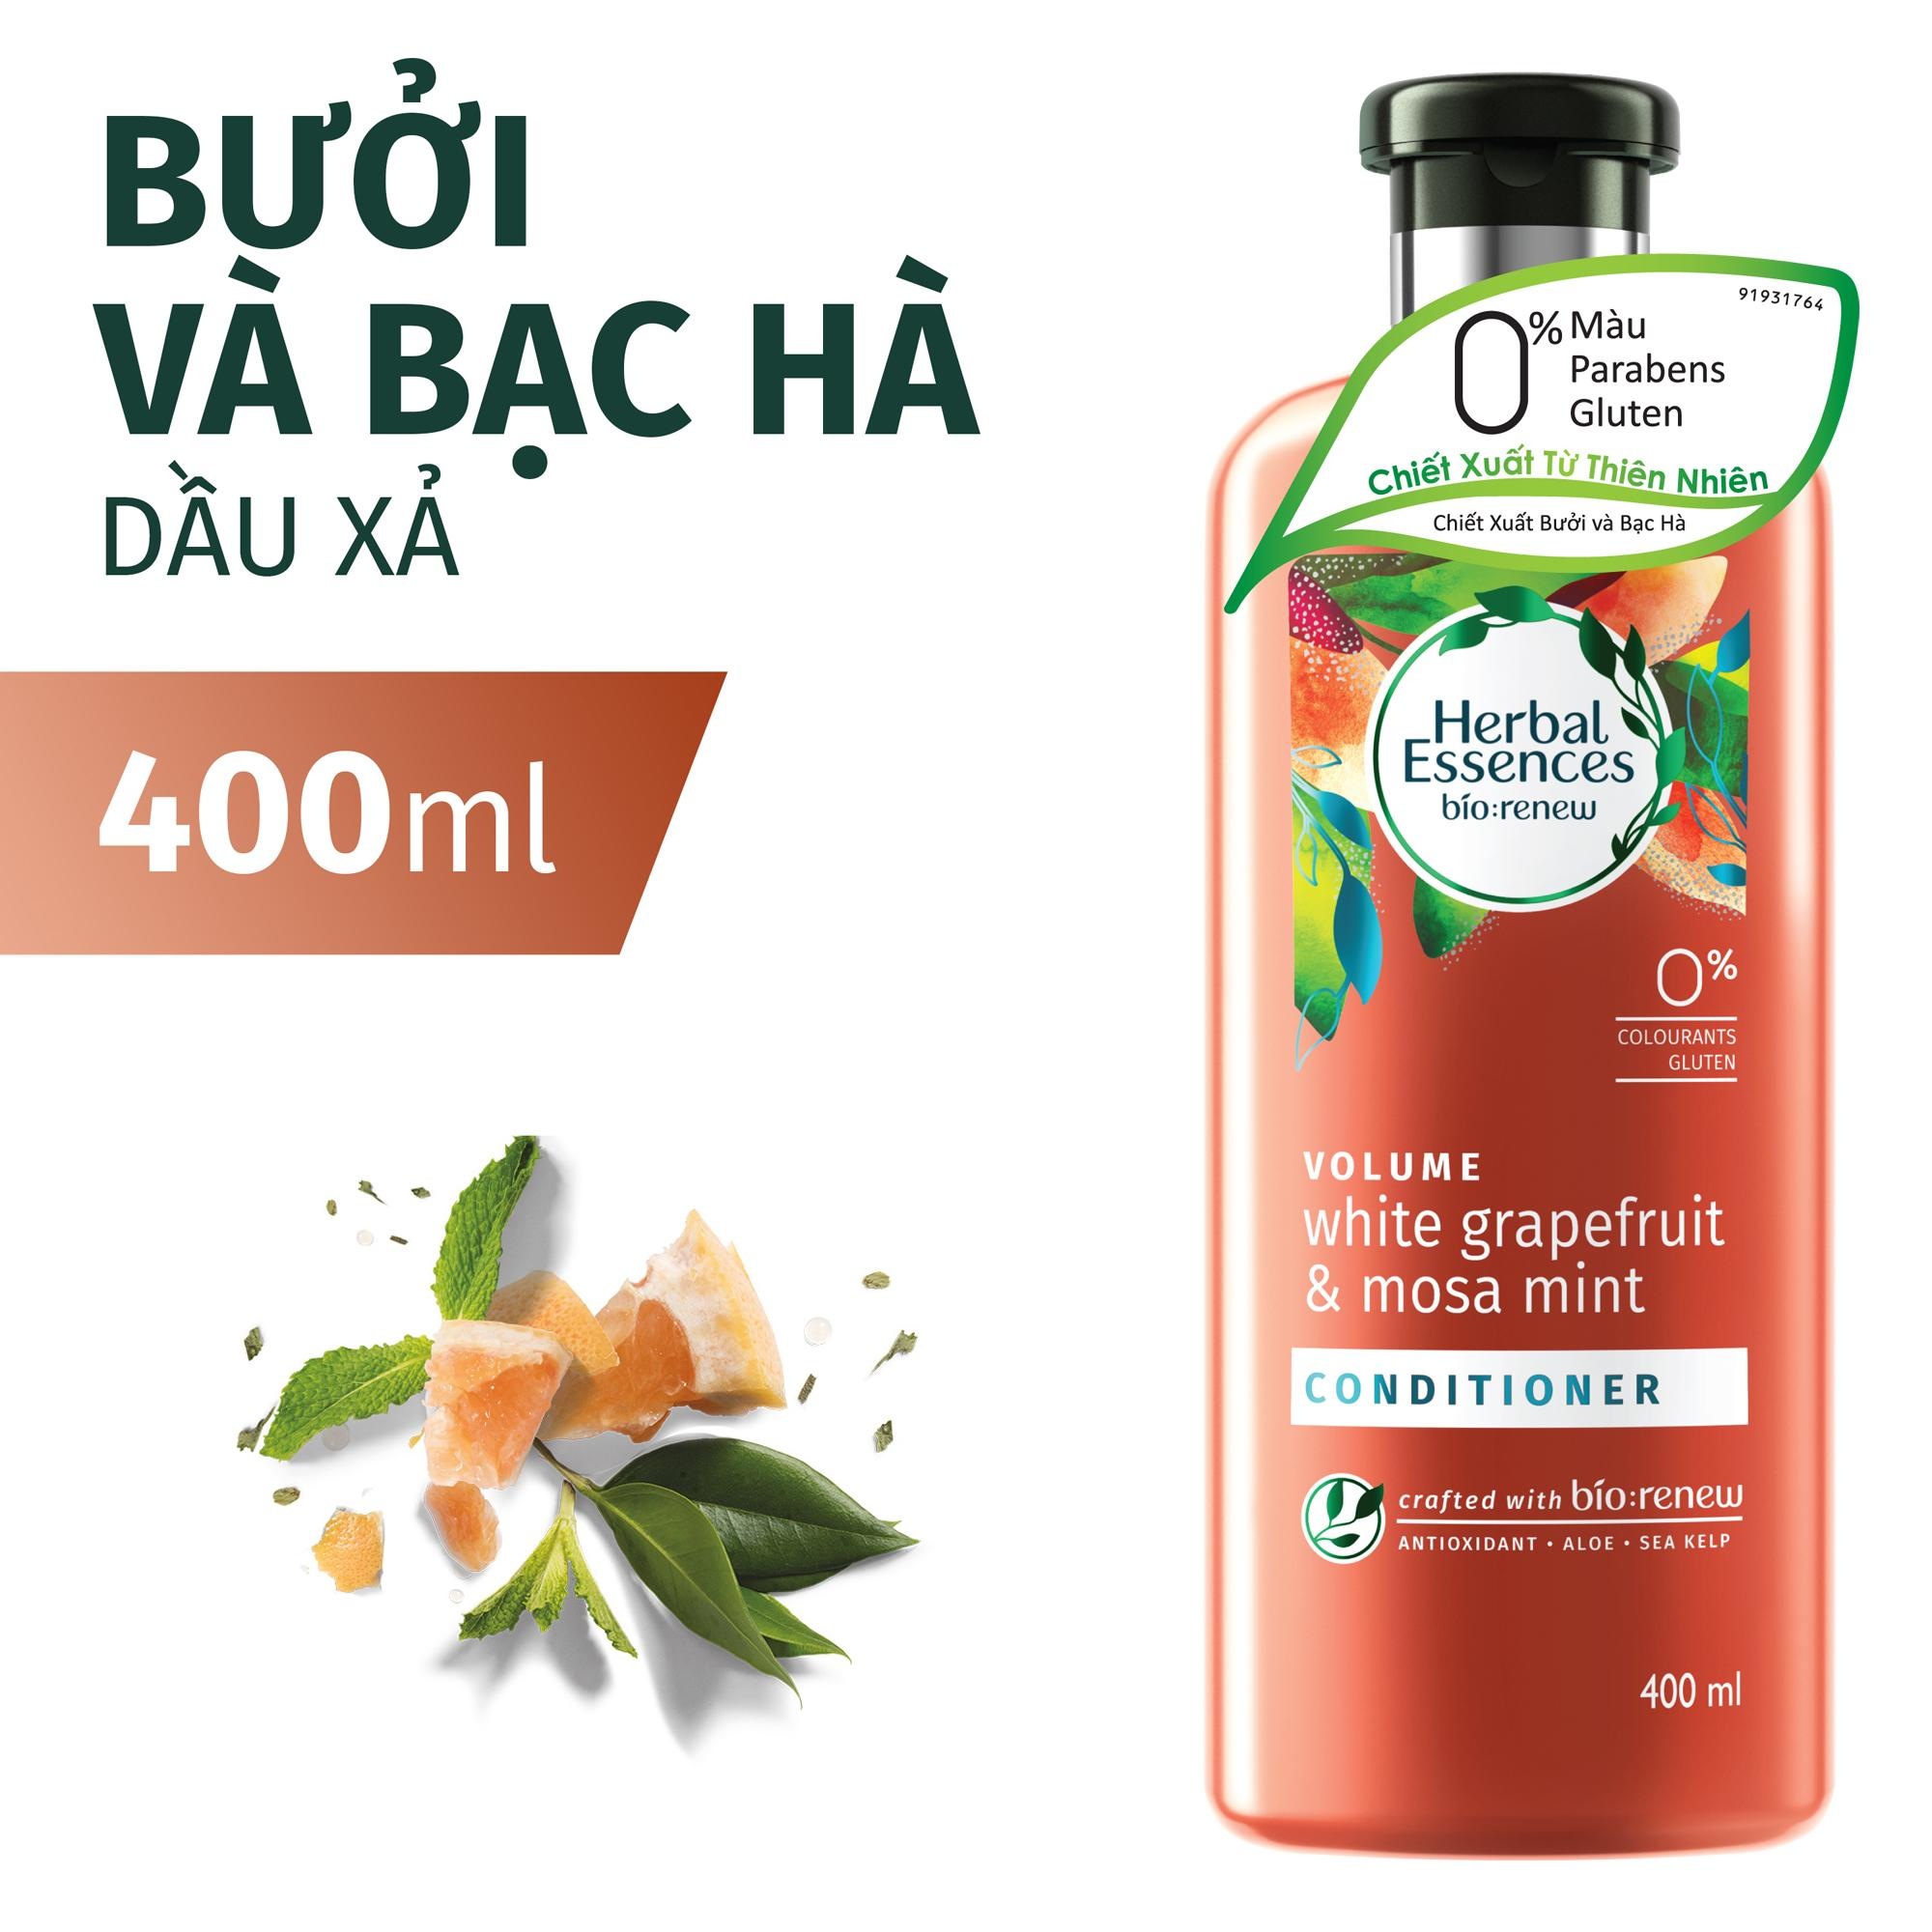 Dầu Xả Herbal Essences Bưởi & Bạc Hà 400ml